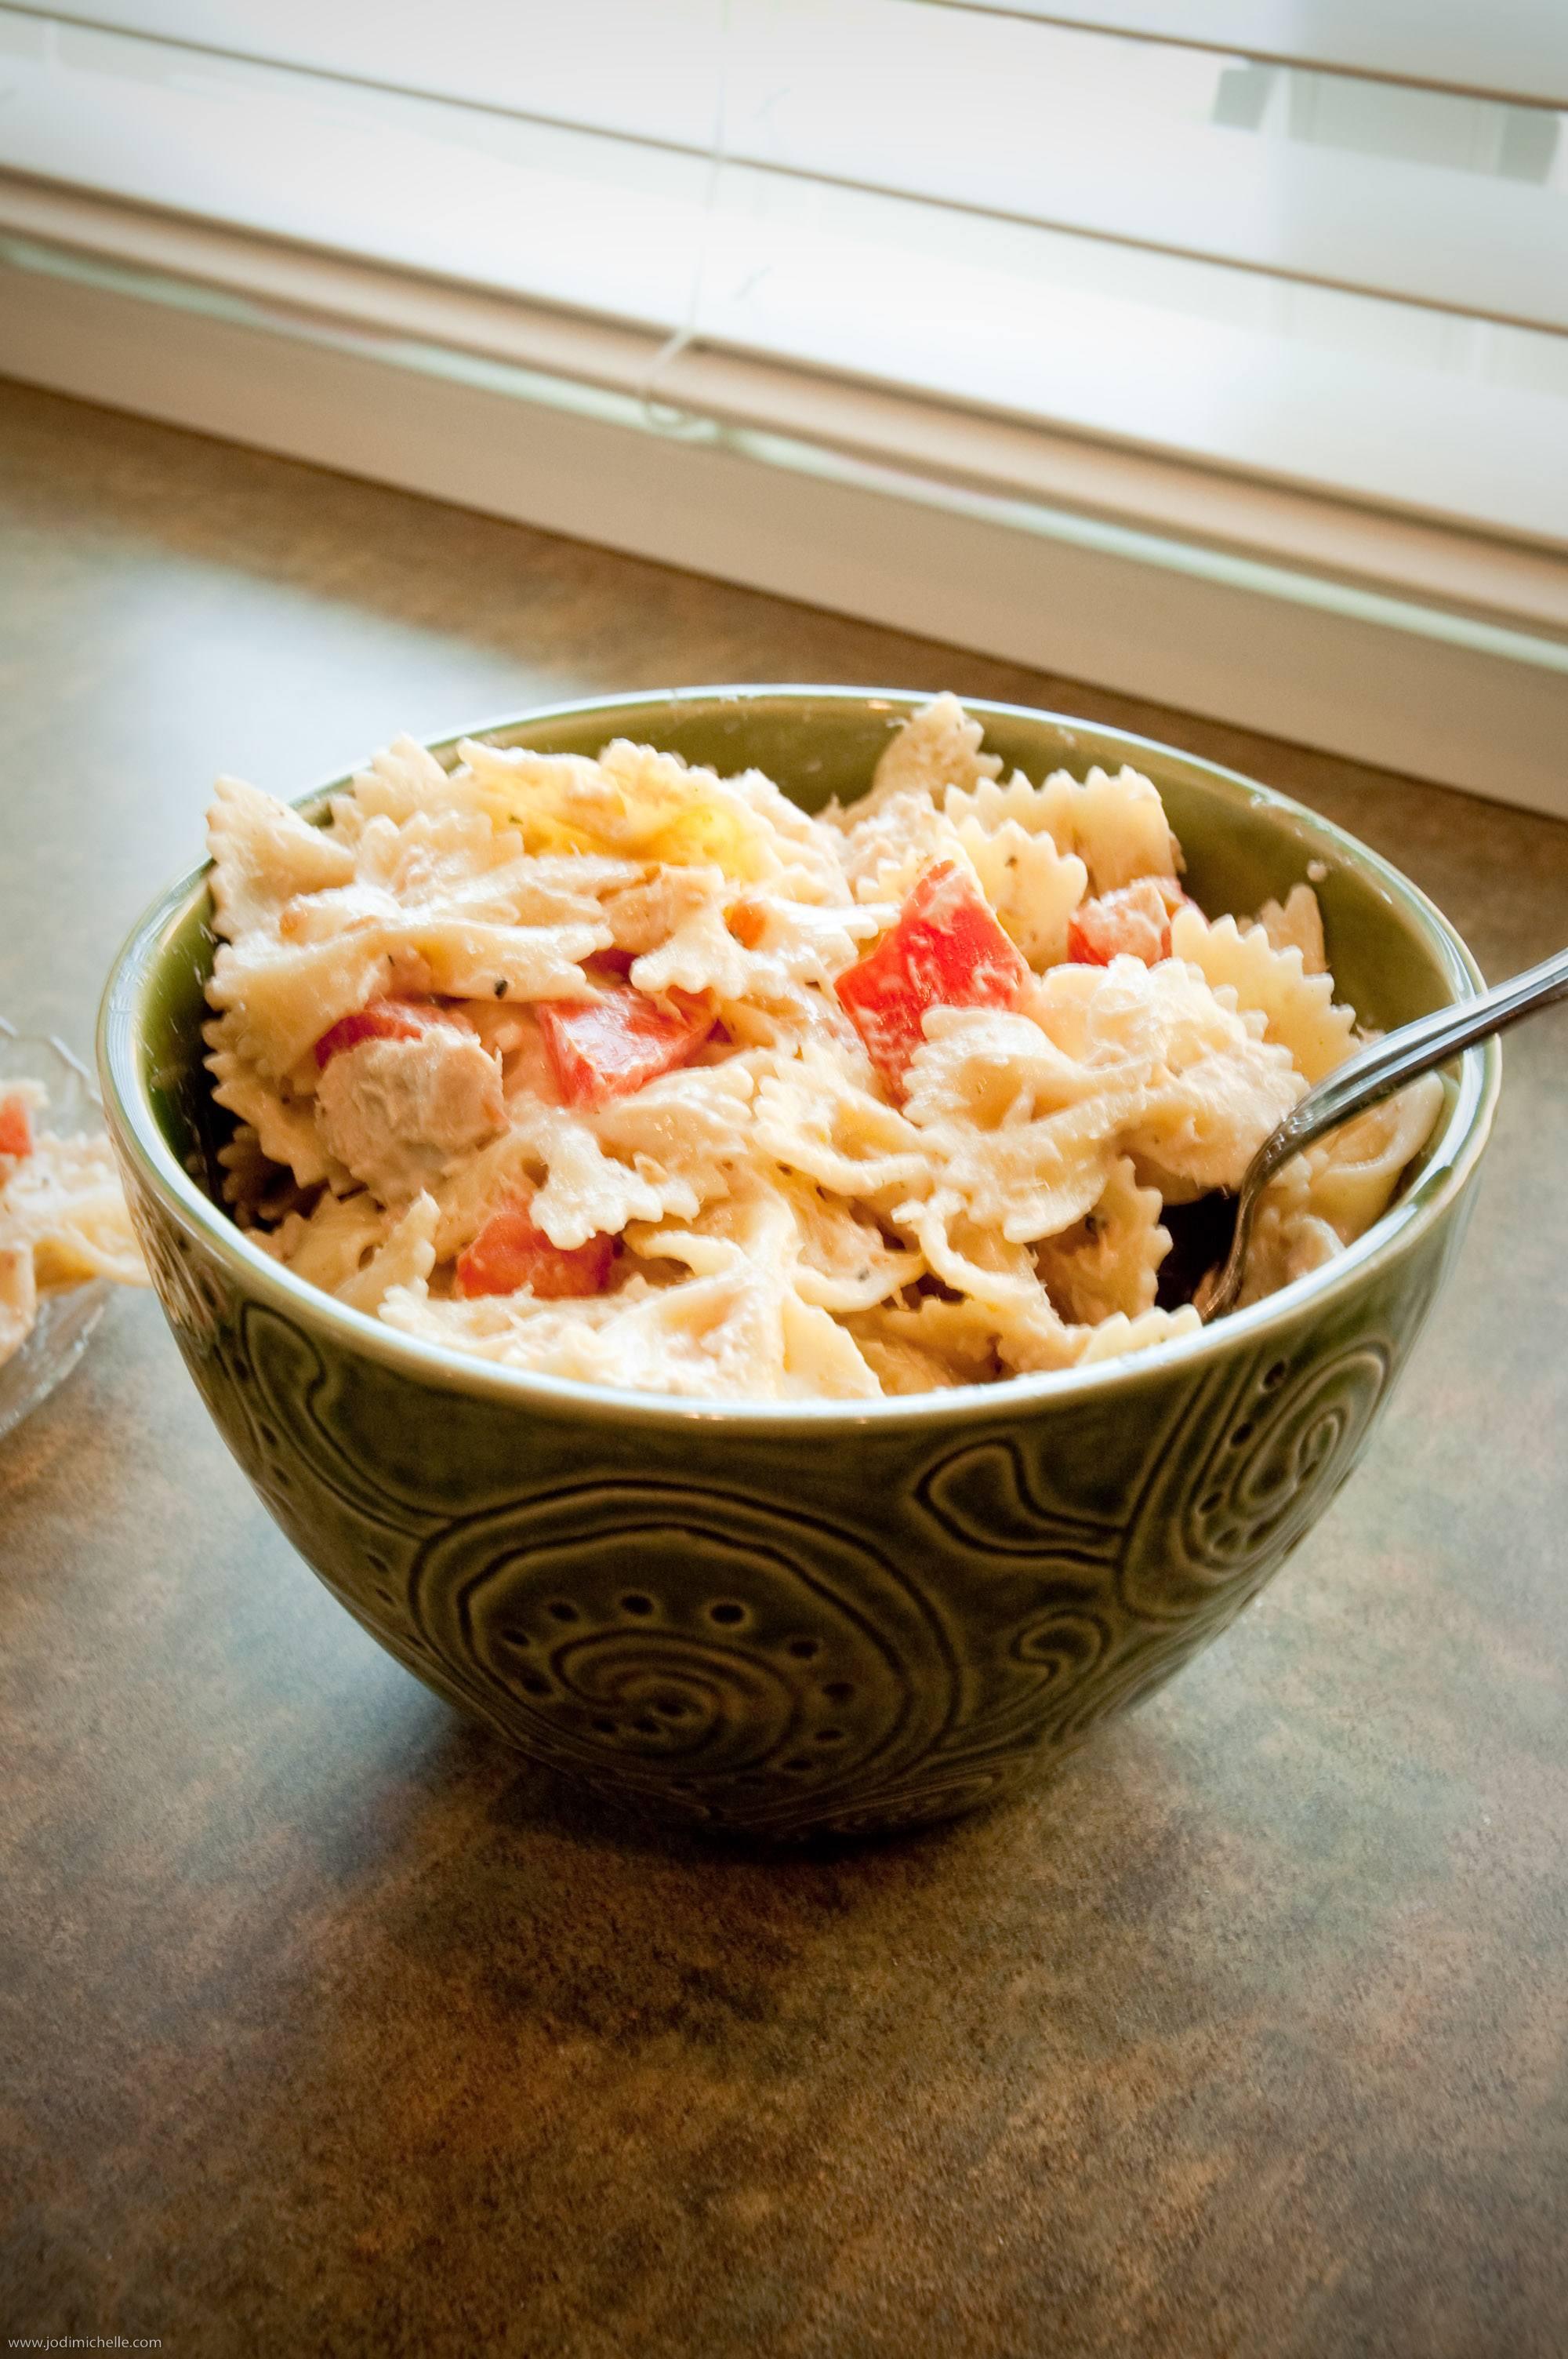 - 30 gramos de pasta (p. Ej., Moños) - 2 tomates grandes - 30 gramos de atún en su propia salsa - 1 cucharada de aceite de semilla de uva - 2 cucharaditas de jugo de limón - unas hojas de albahaca fresca para decorar - sal al gusto - pimienta al gusto